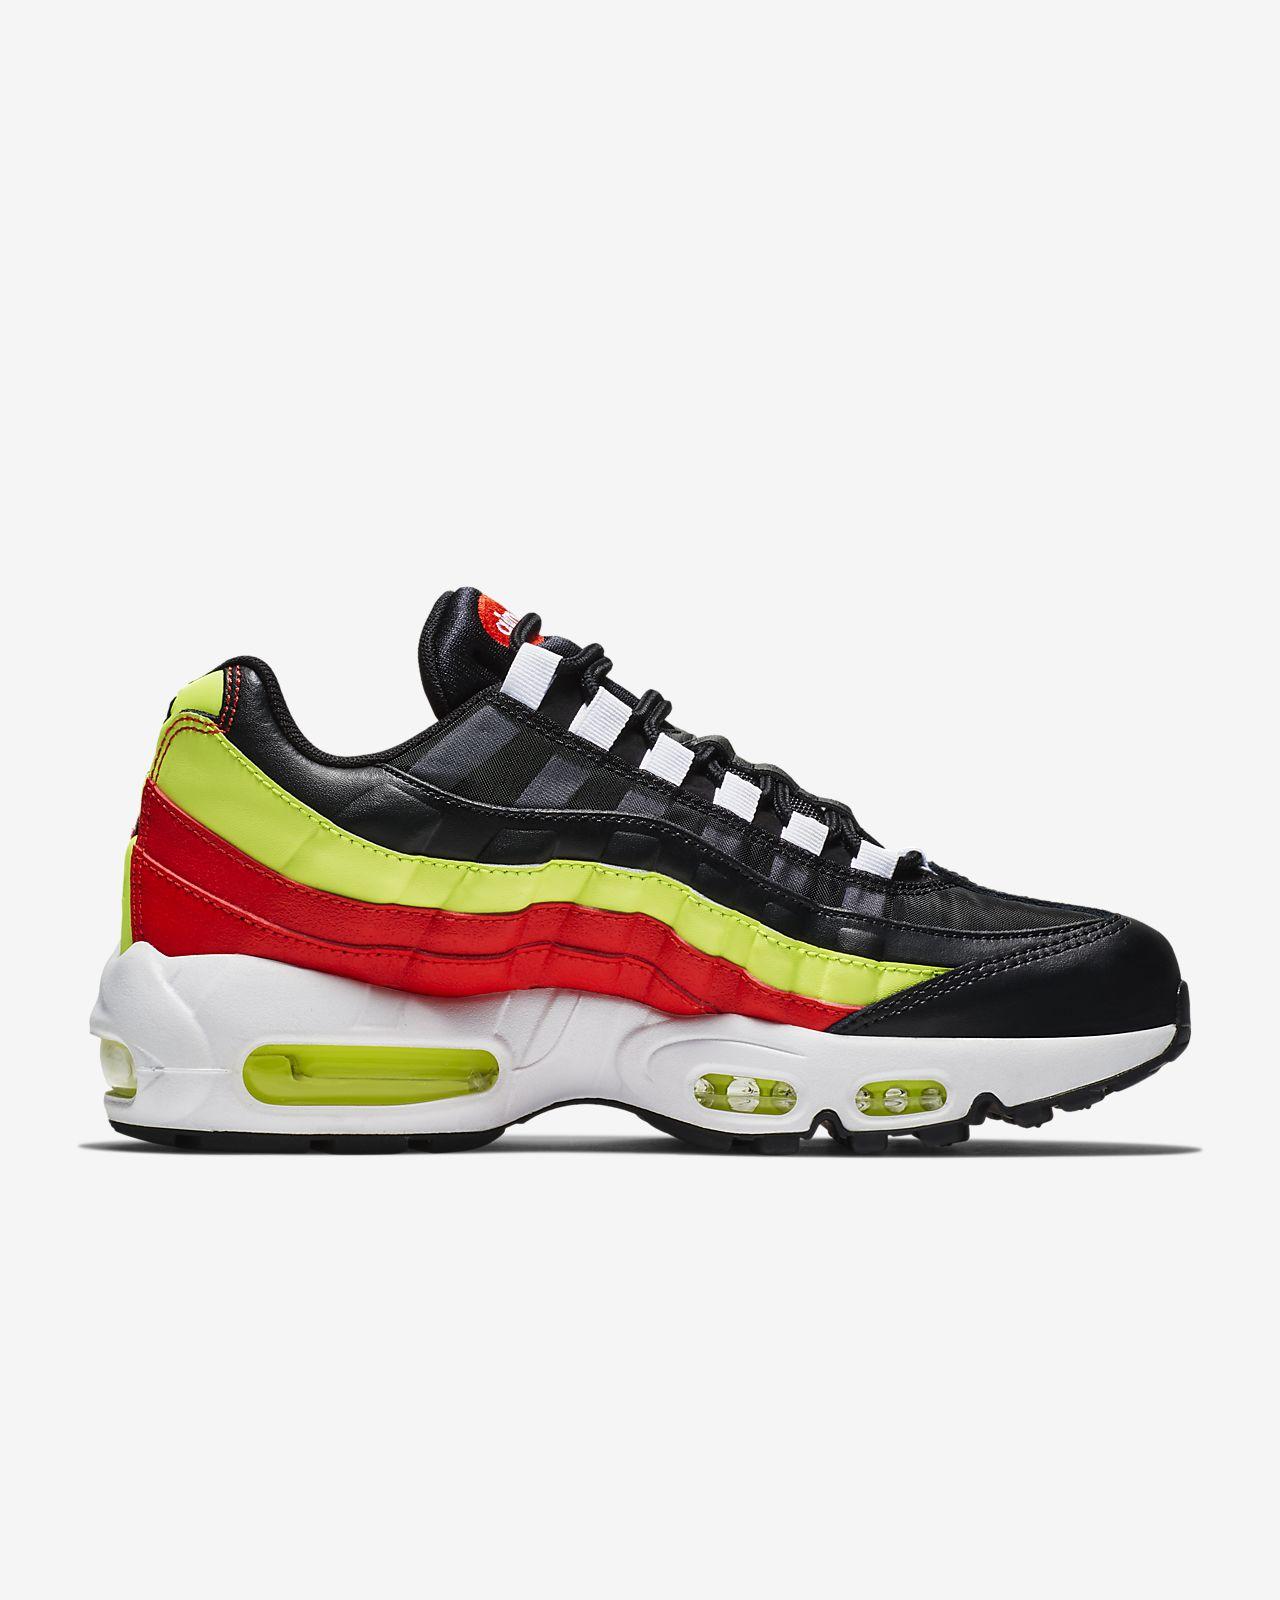 official photos c15de 2595e ... Nike Air Max 95 Women s Shoe